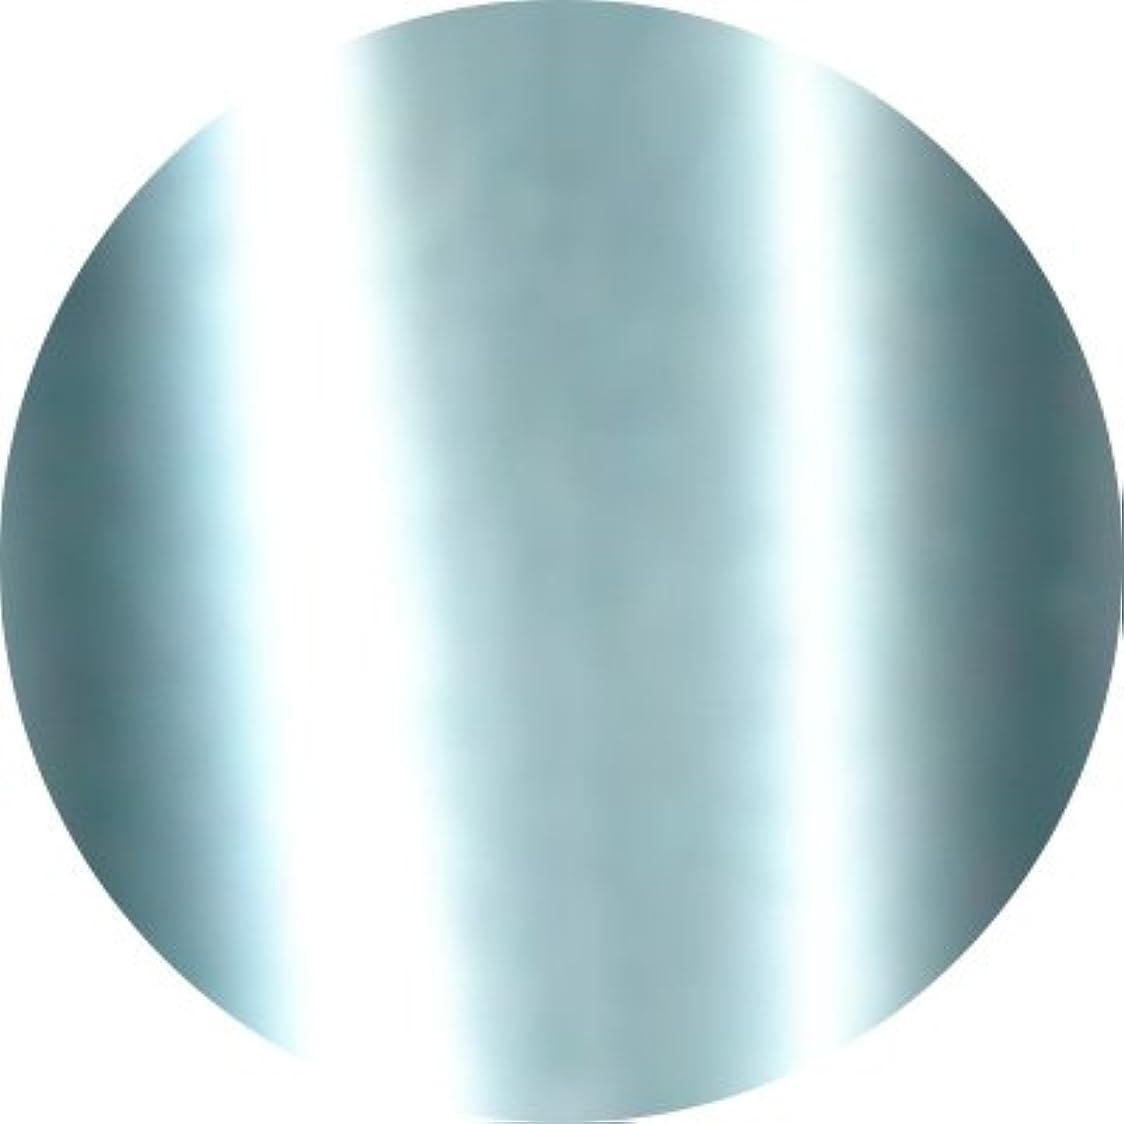 ハンマーする必要がある証明するJewelry jel(ジュエリージェル) カラージェル 5ml<BR>メタリック MT015